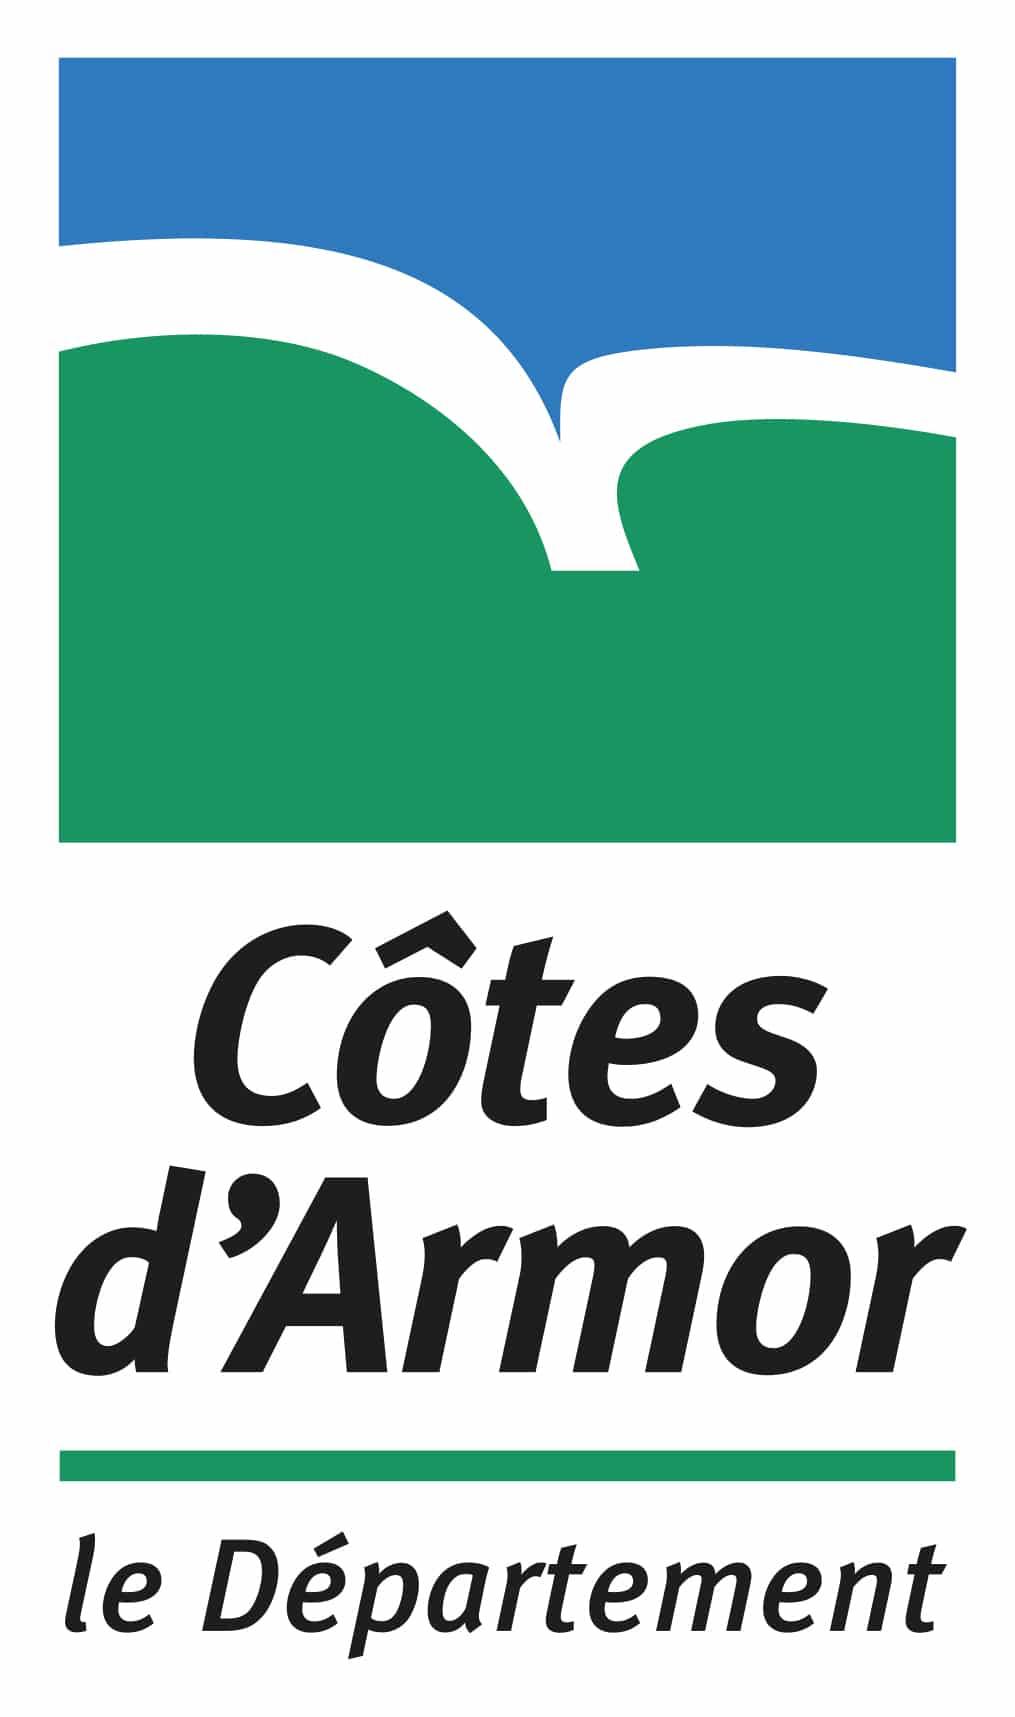 Logo du Conseil Départemental des Côtes d'Armor (22)